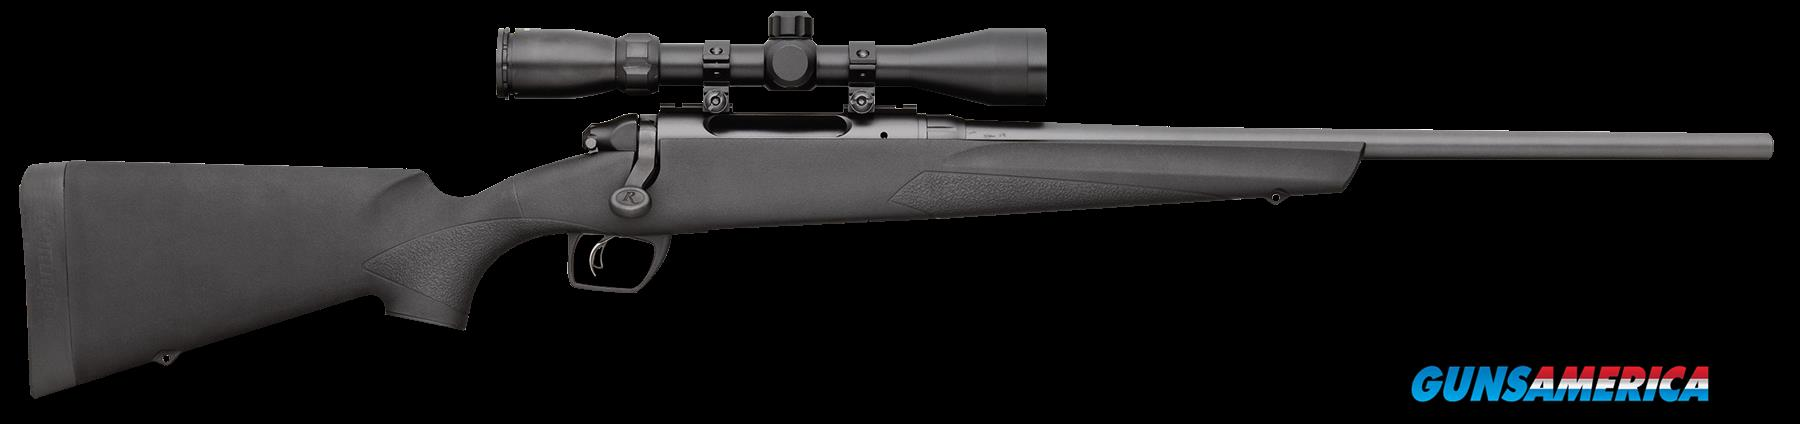 Remington Firearms 783, Rem 85844 783 W-scp 270         22 Mat  Guns > Pistols > 1911 Pistol Copies (non-Colt)